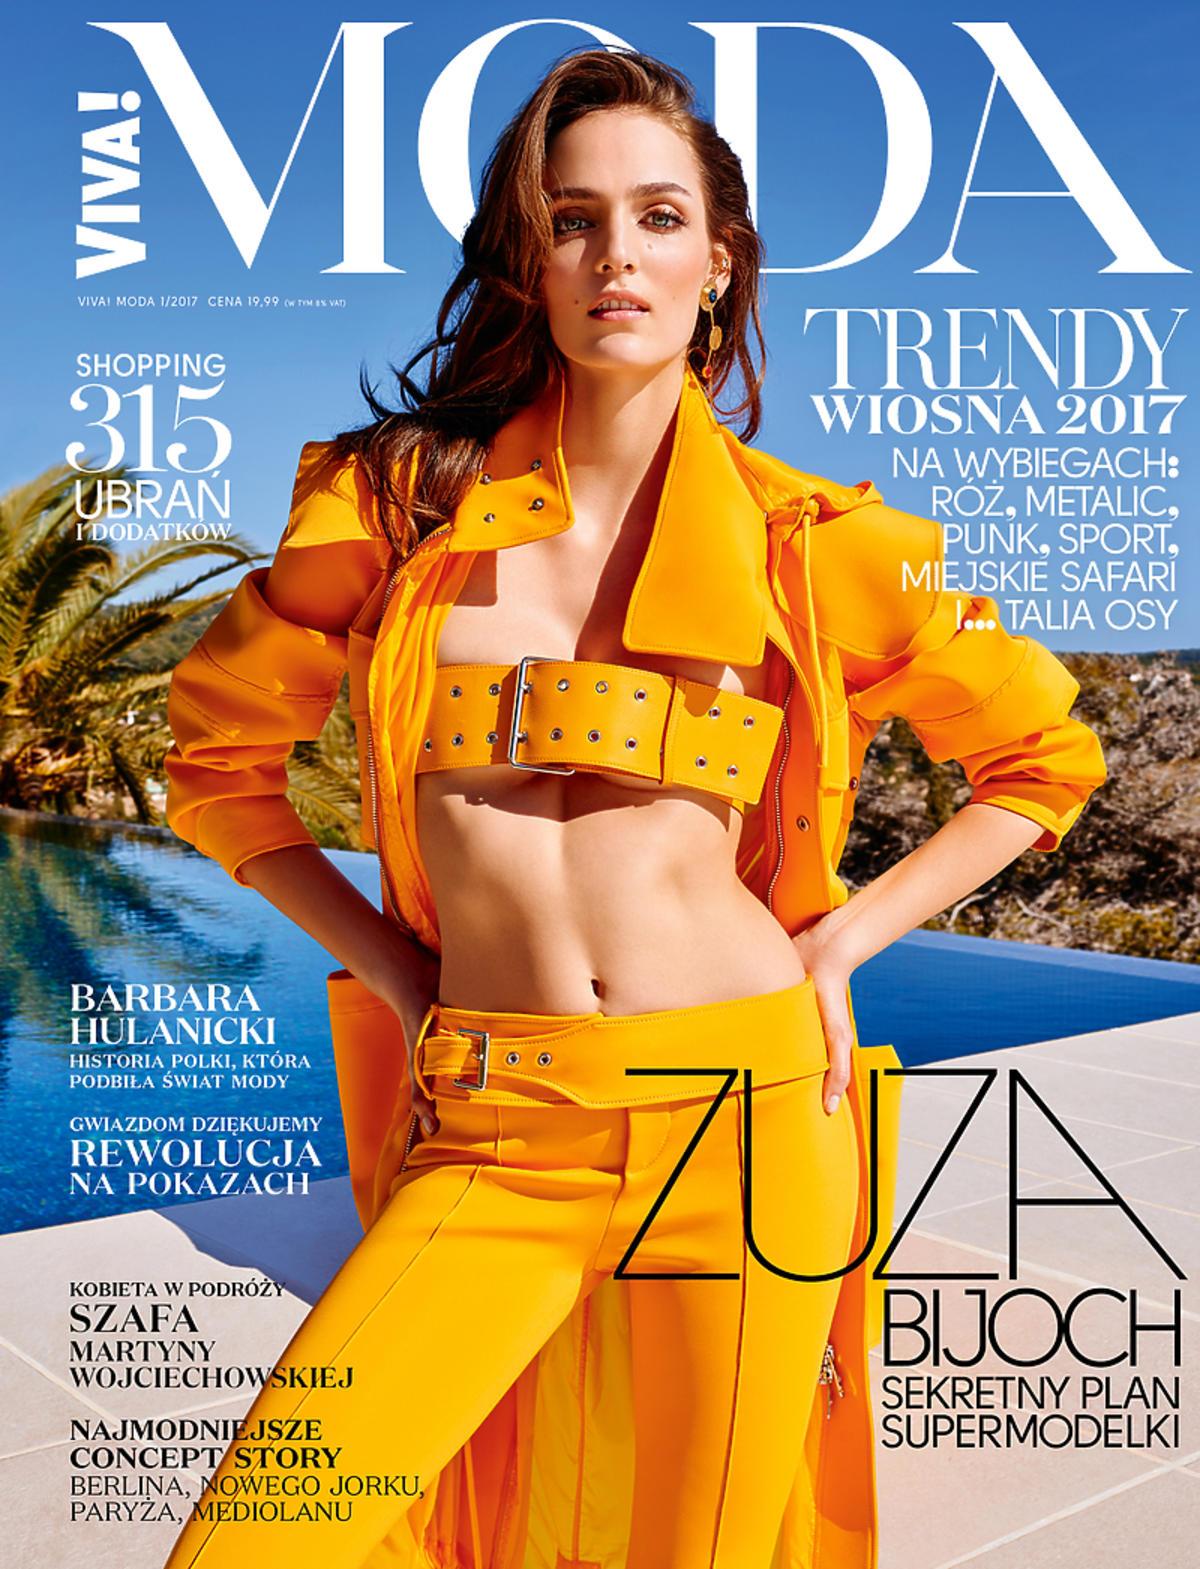 Zuzanna Bijoch w żółtym kostiumie